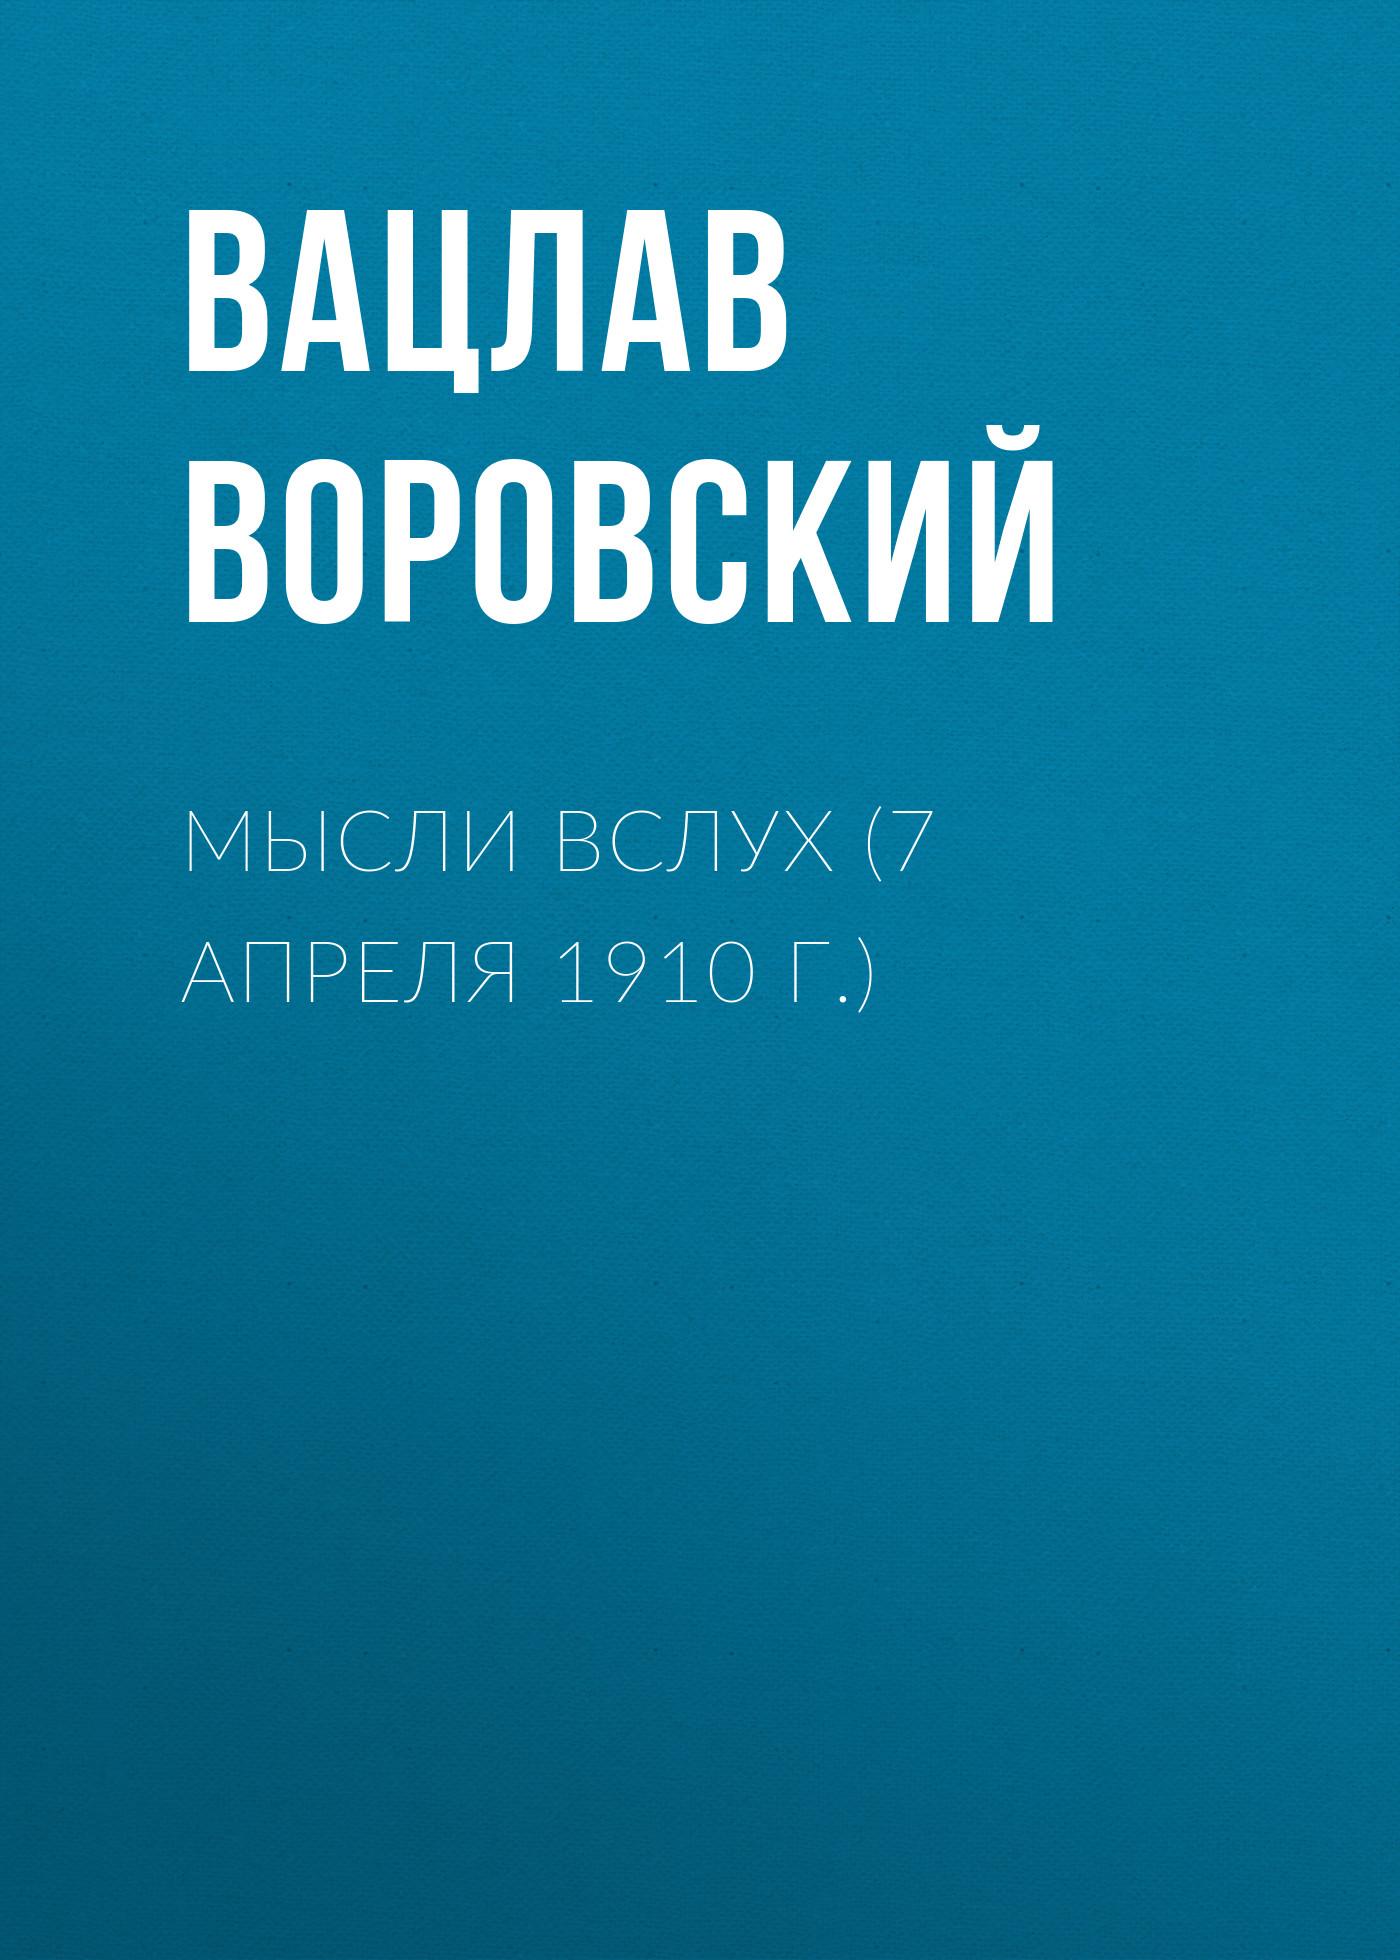 Вацлав Воровский Мысли вслух (7 апреля 1910 г.) вацлав воровский мысли вслух 15 января 1910 г